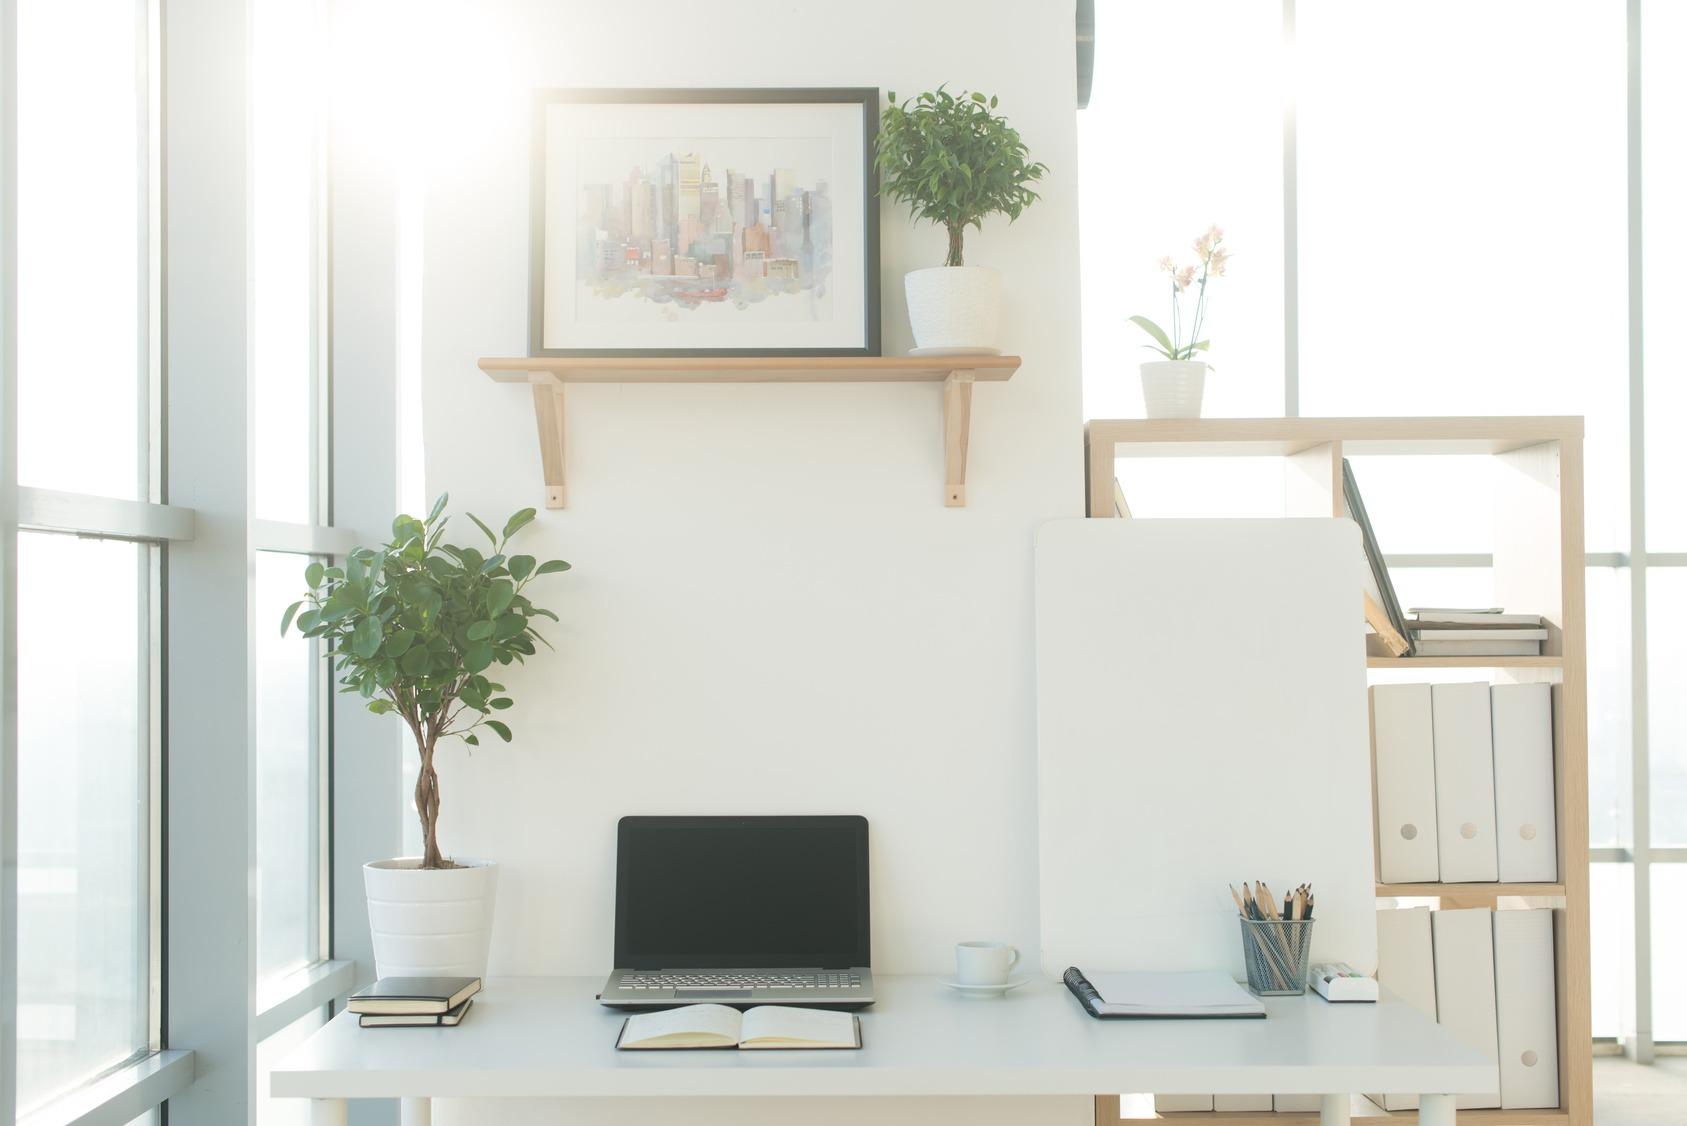 Ein cleaner und geordneter Arbeitsplatz in einem modernen Büro.